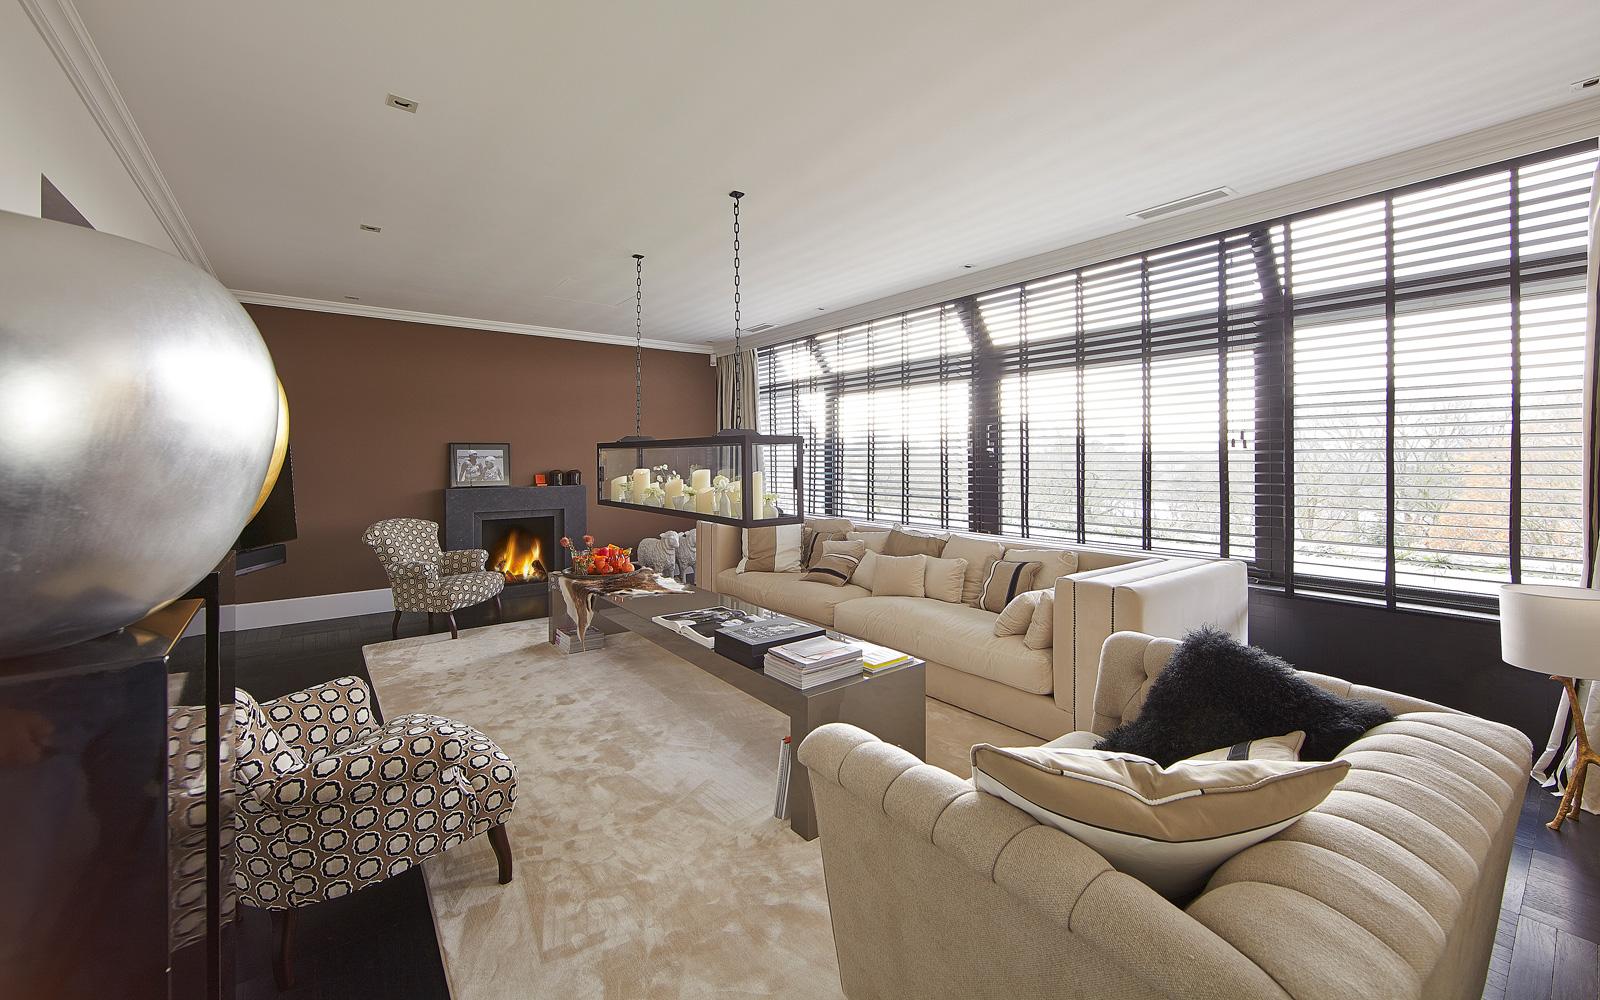 Penthouse RMR Interieurbouw, living, openhaard, Heerkens, shutters JASNO